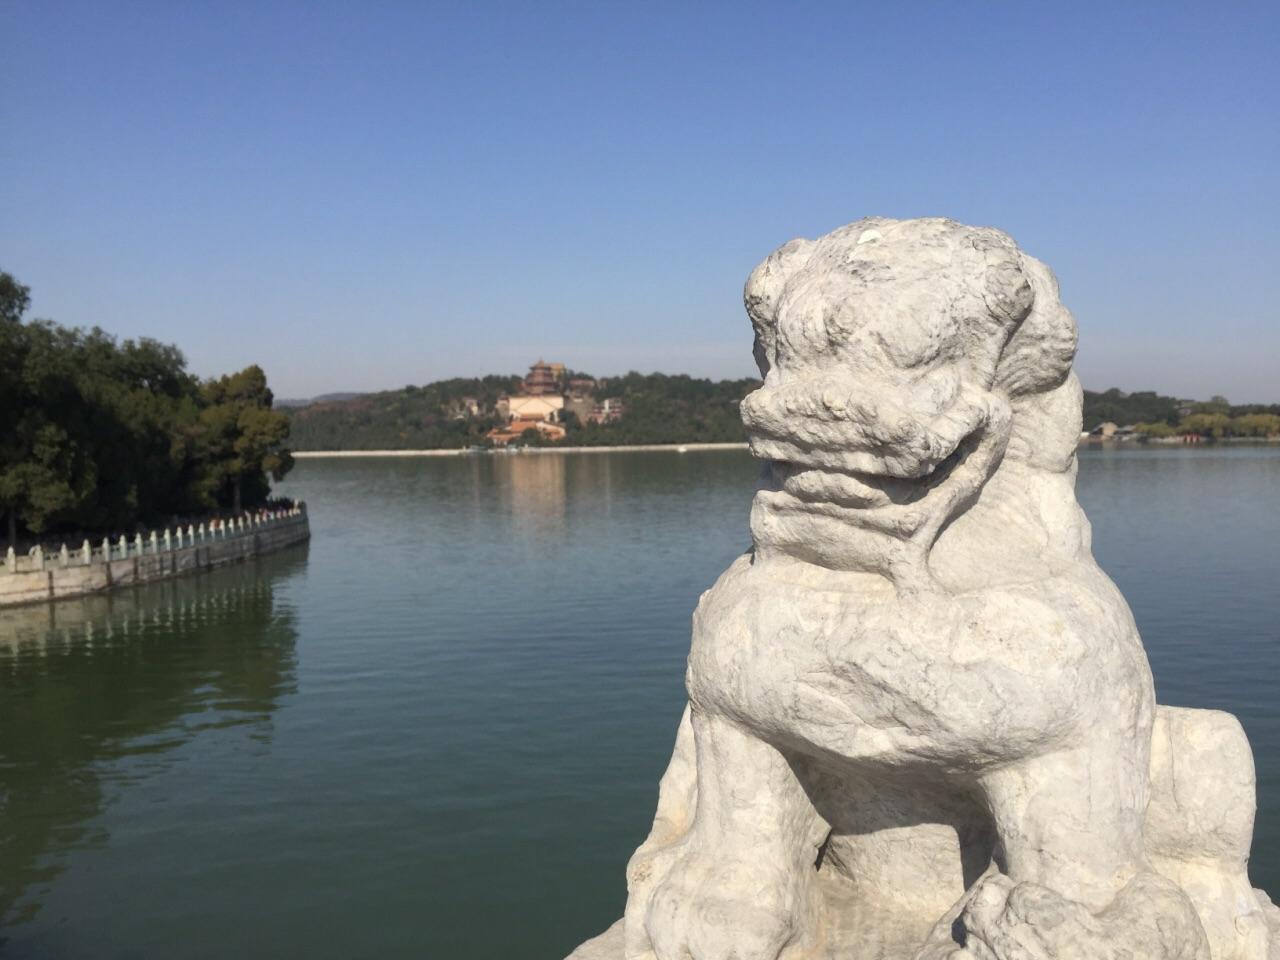 颐和园园门票价格_【携程攻略】十七孔桥门票,北京十七孔桥攻略/地址/图片/门票价格